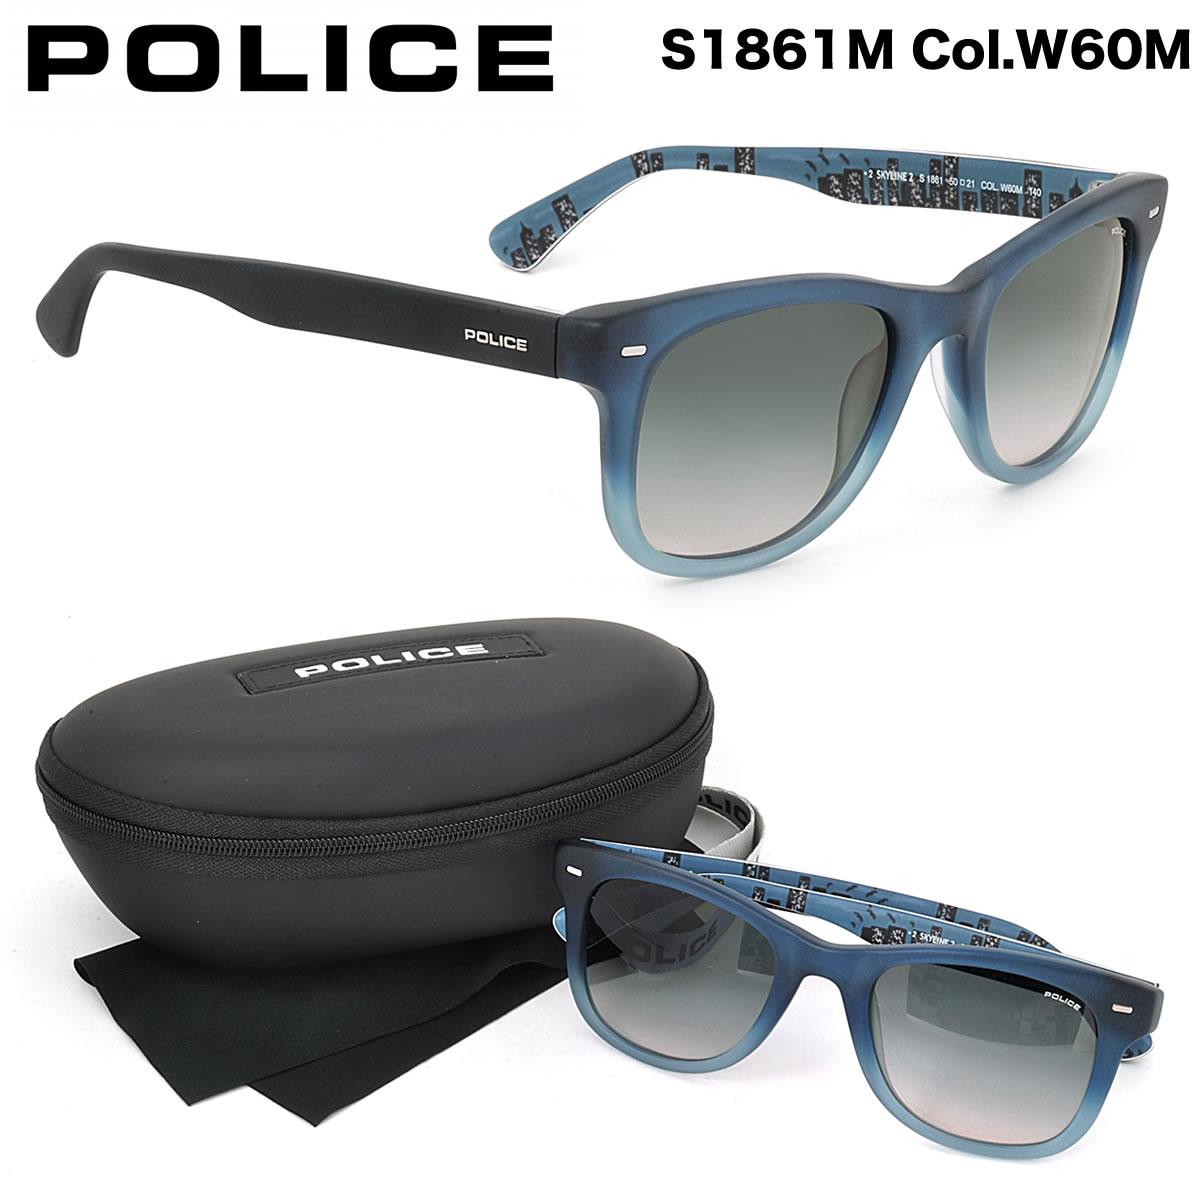 ポイント最大42倍!!お得なクーポンも !! 【POLICE】ポリス サングラス S1861M W60M 50サイズ ポリス POLICE メンズ レディース